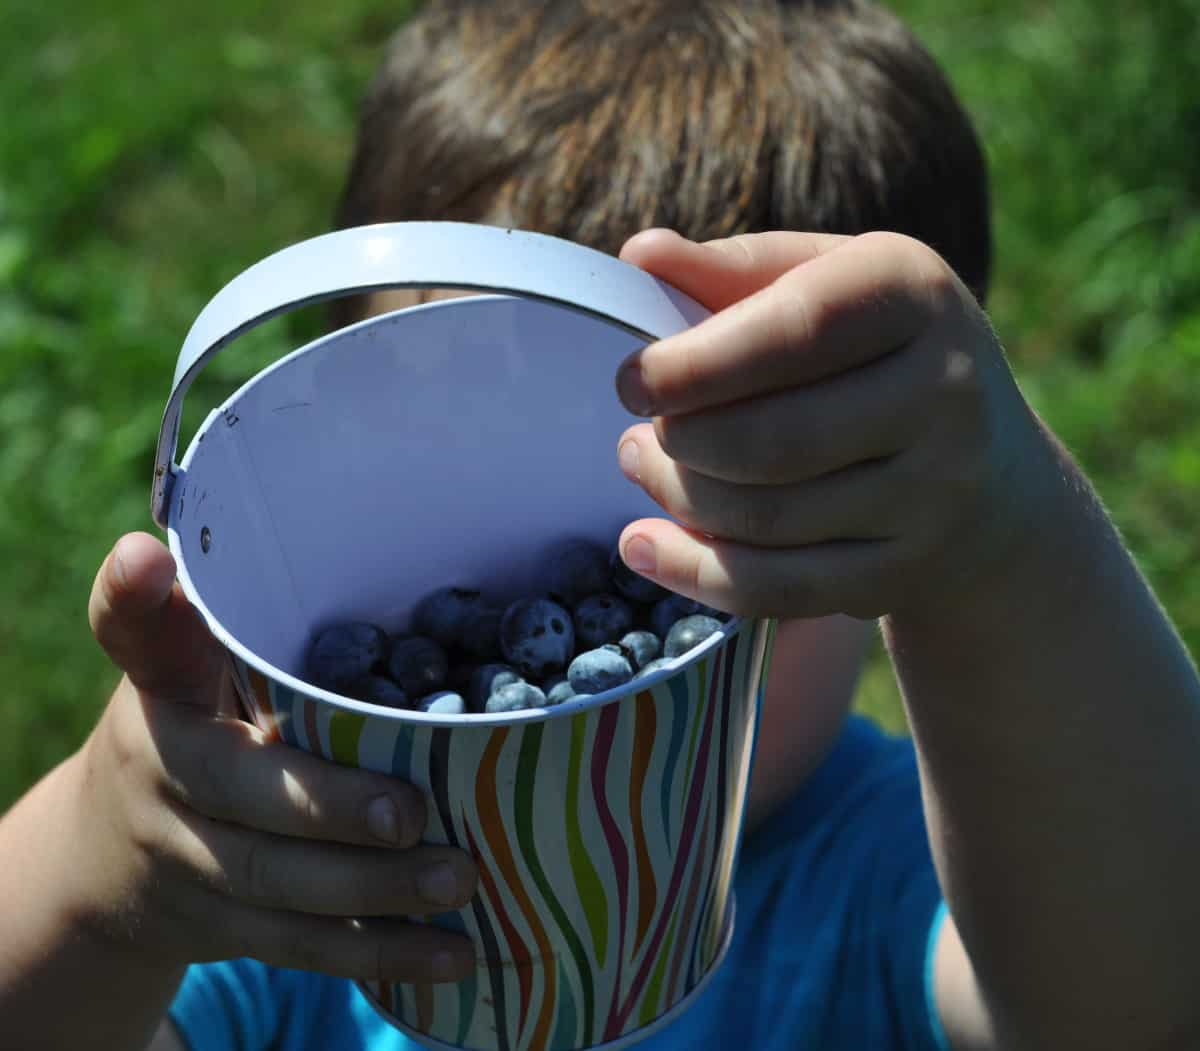 Blueberries in Bucket